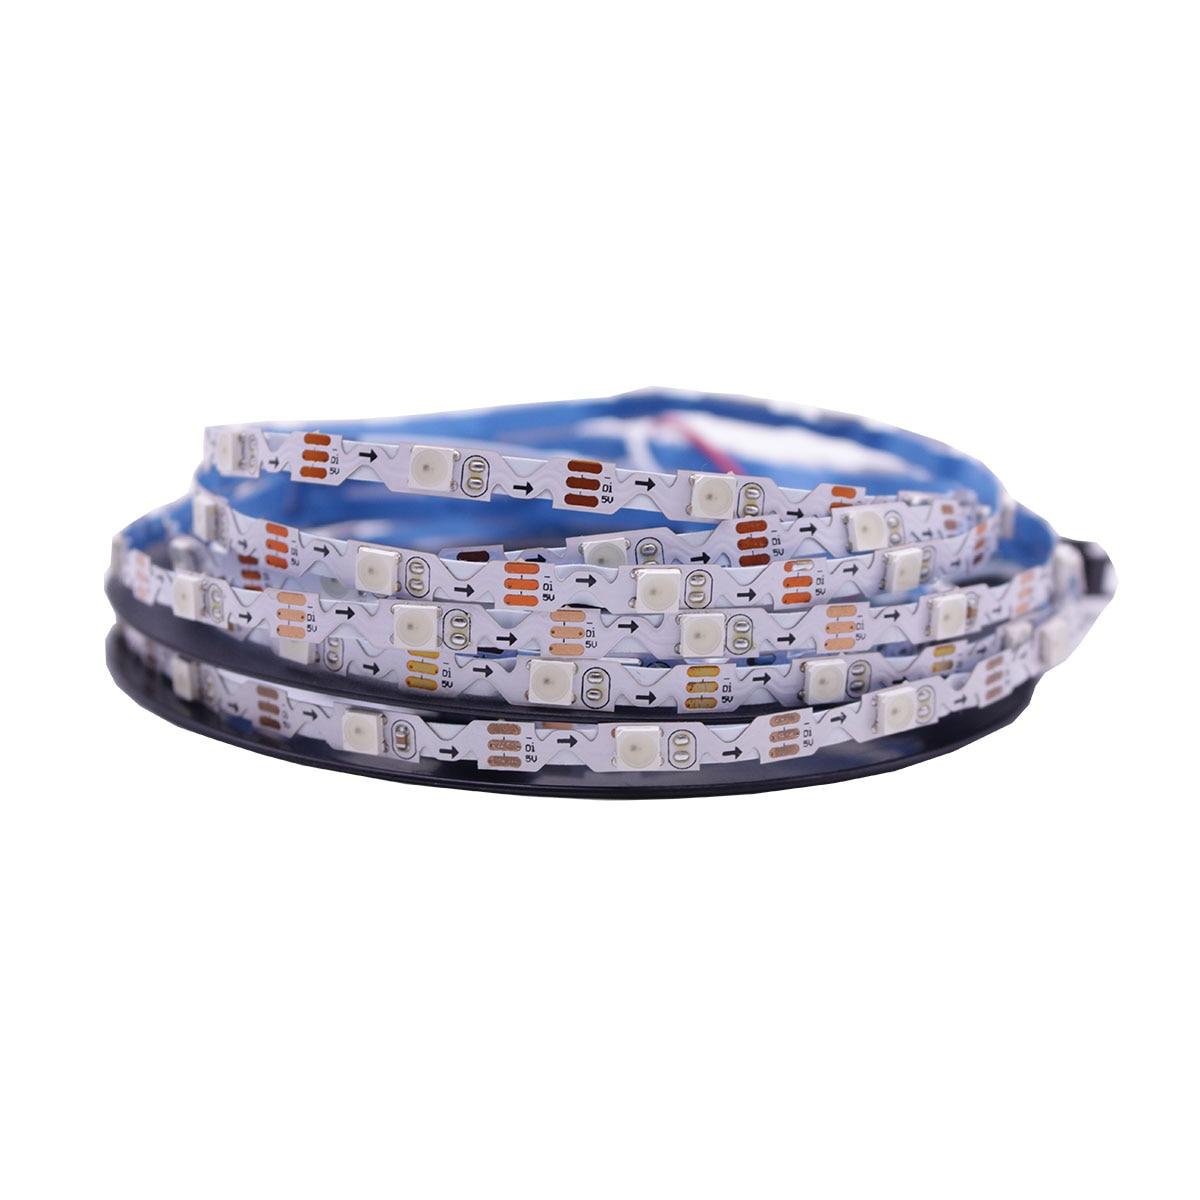 DC5V WS2812B S Shape Foldable Led Strip 30 60led/m 6mm PCB Dream Color 5050 RGB Pixels Tape Light Individually Addressable IP20